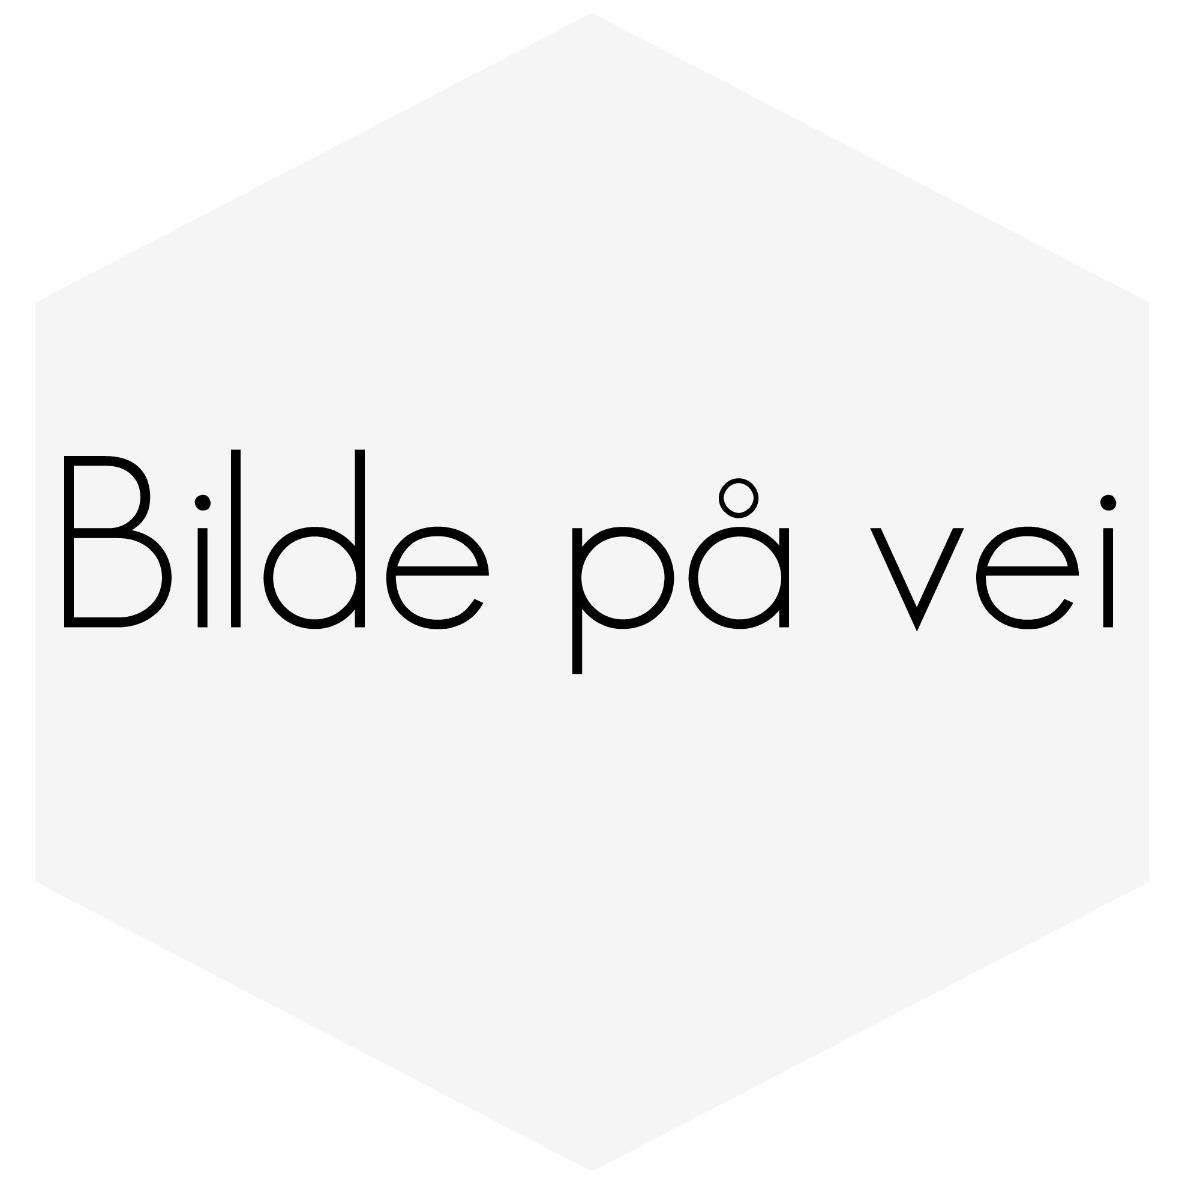 SILIKONSLANGE SVART FLEXIBEL GLATT 1,18'' (30MM)